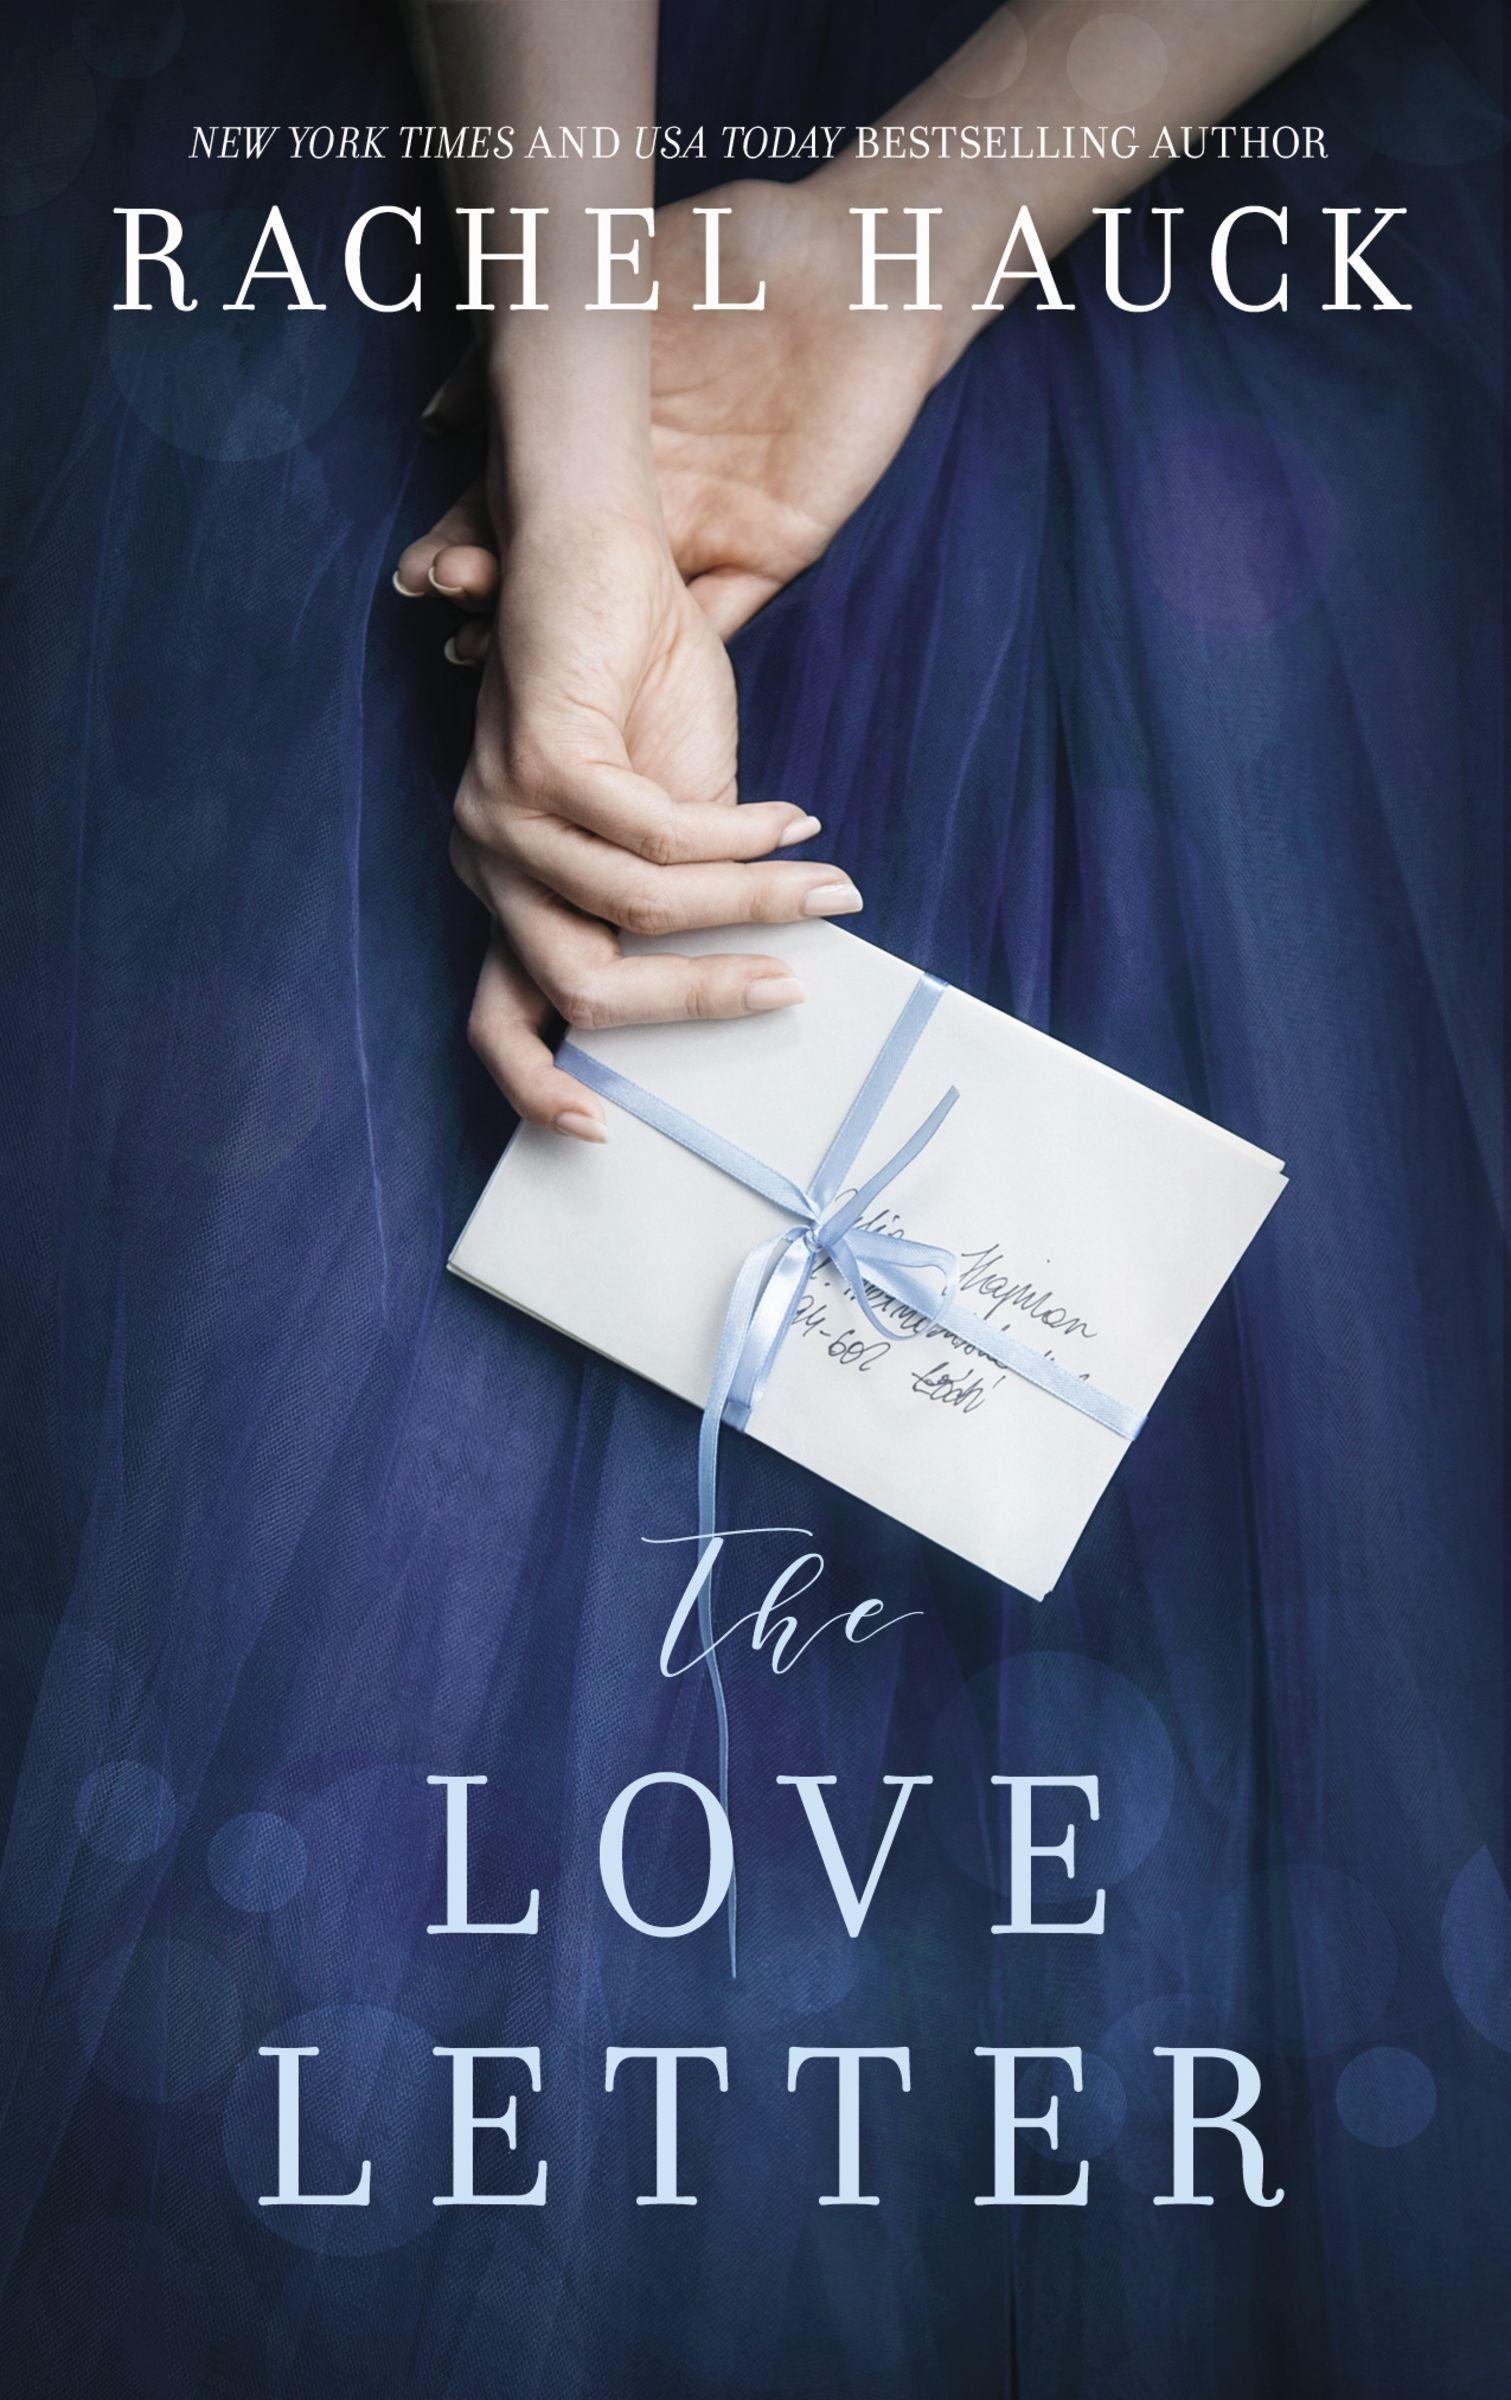 Rachel Hauck The Love Letter